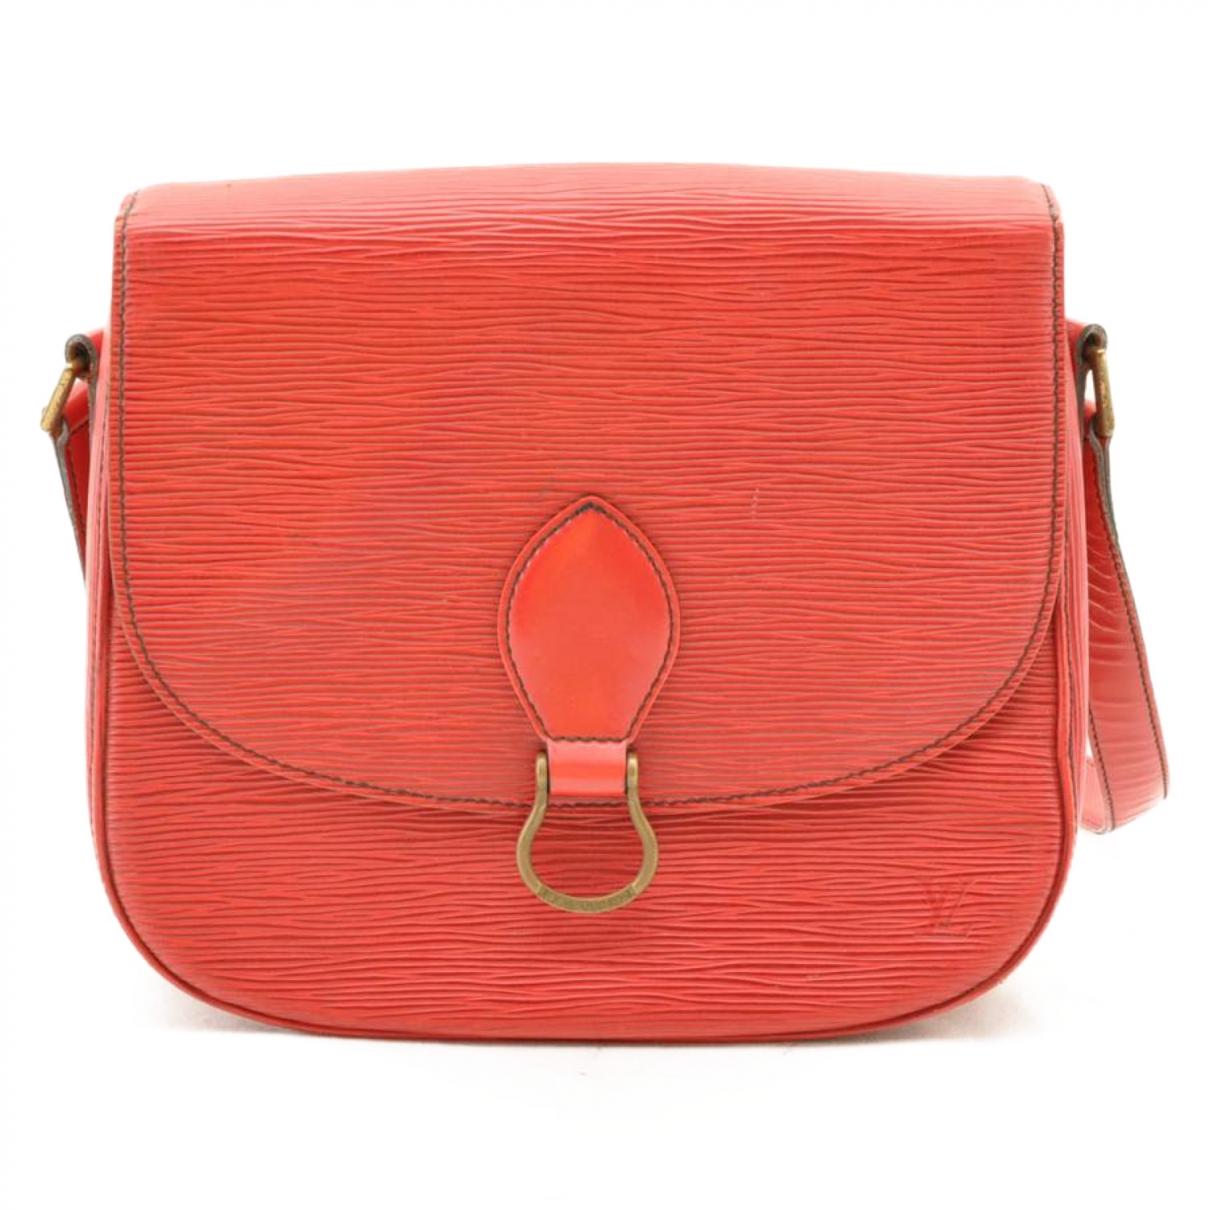 Louis Vuitton - Sac a main Saint Cloud pour femme en cuir - rouge